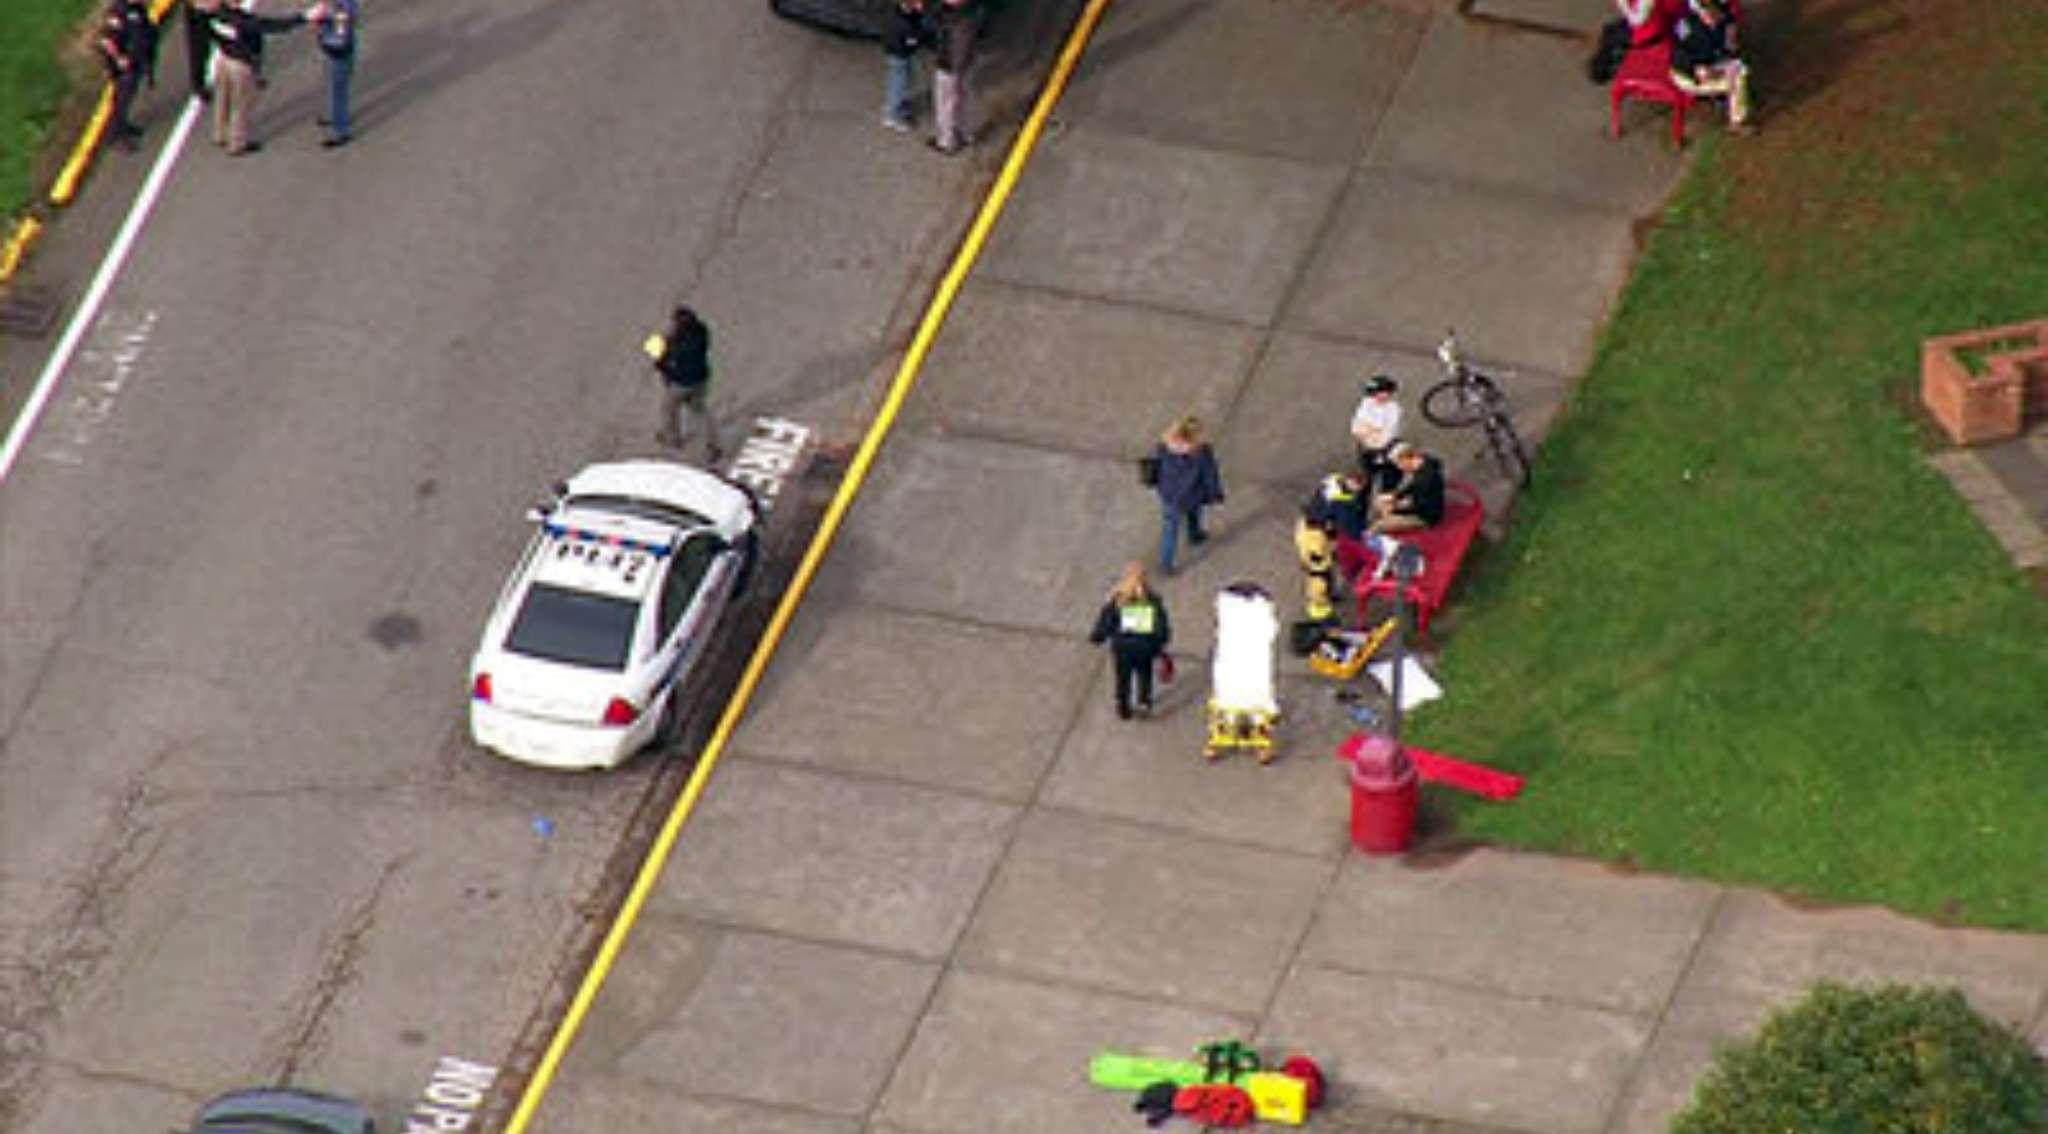 Personal de emergencias acudió de inmediato a la escuela tras los reportes de la balacera. Foto: AP en español